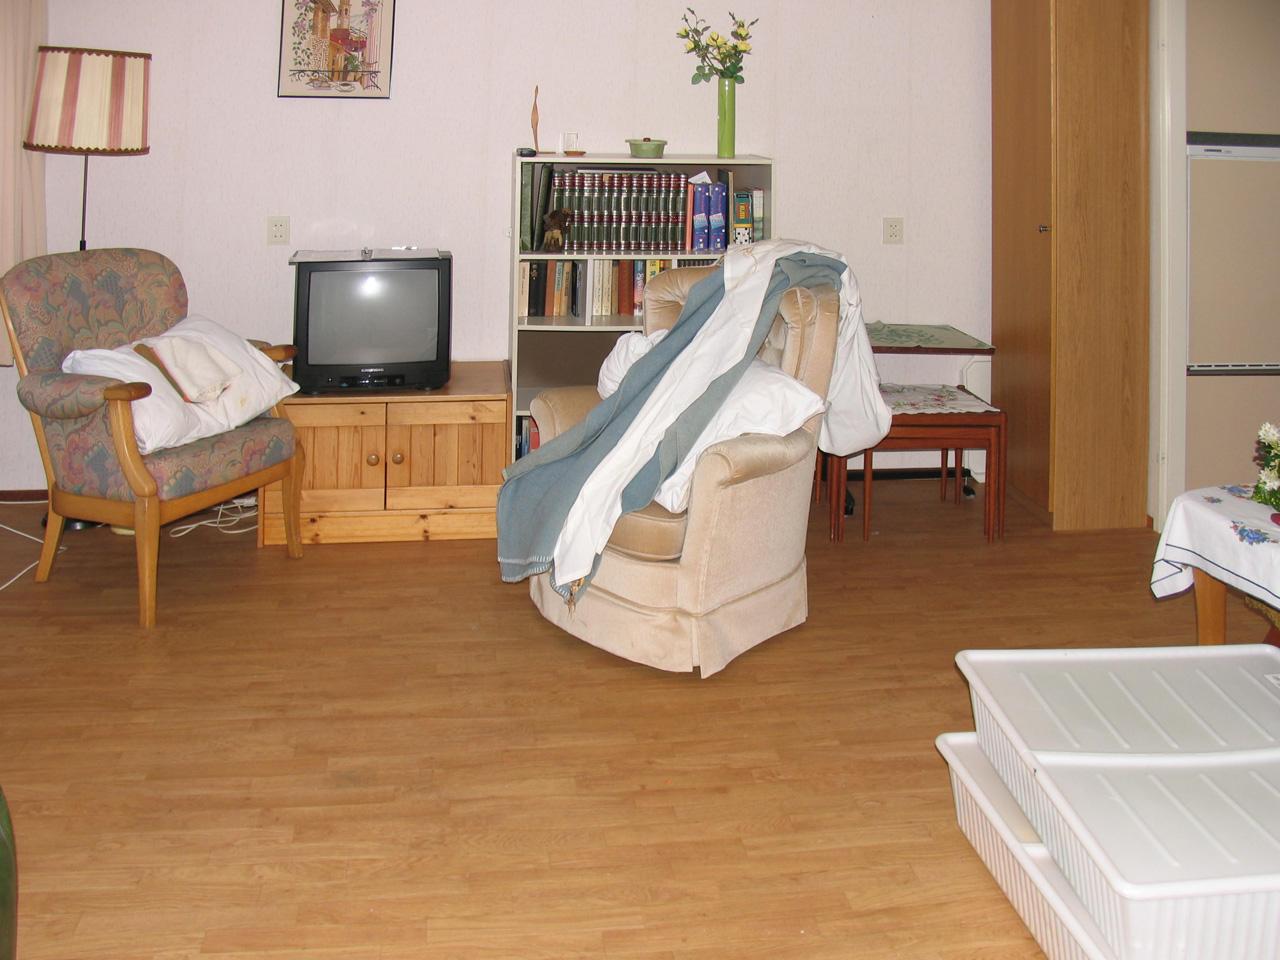 Afbeelding 1 / 8 - Apeldoorn - Woonzorgcentrum De Matenhof